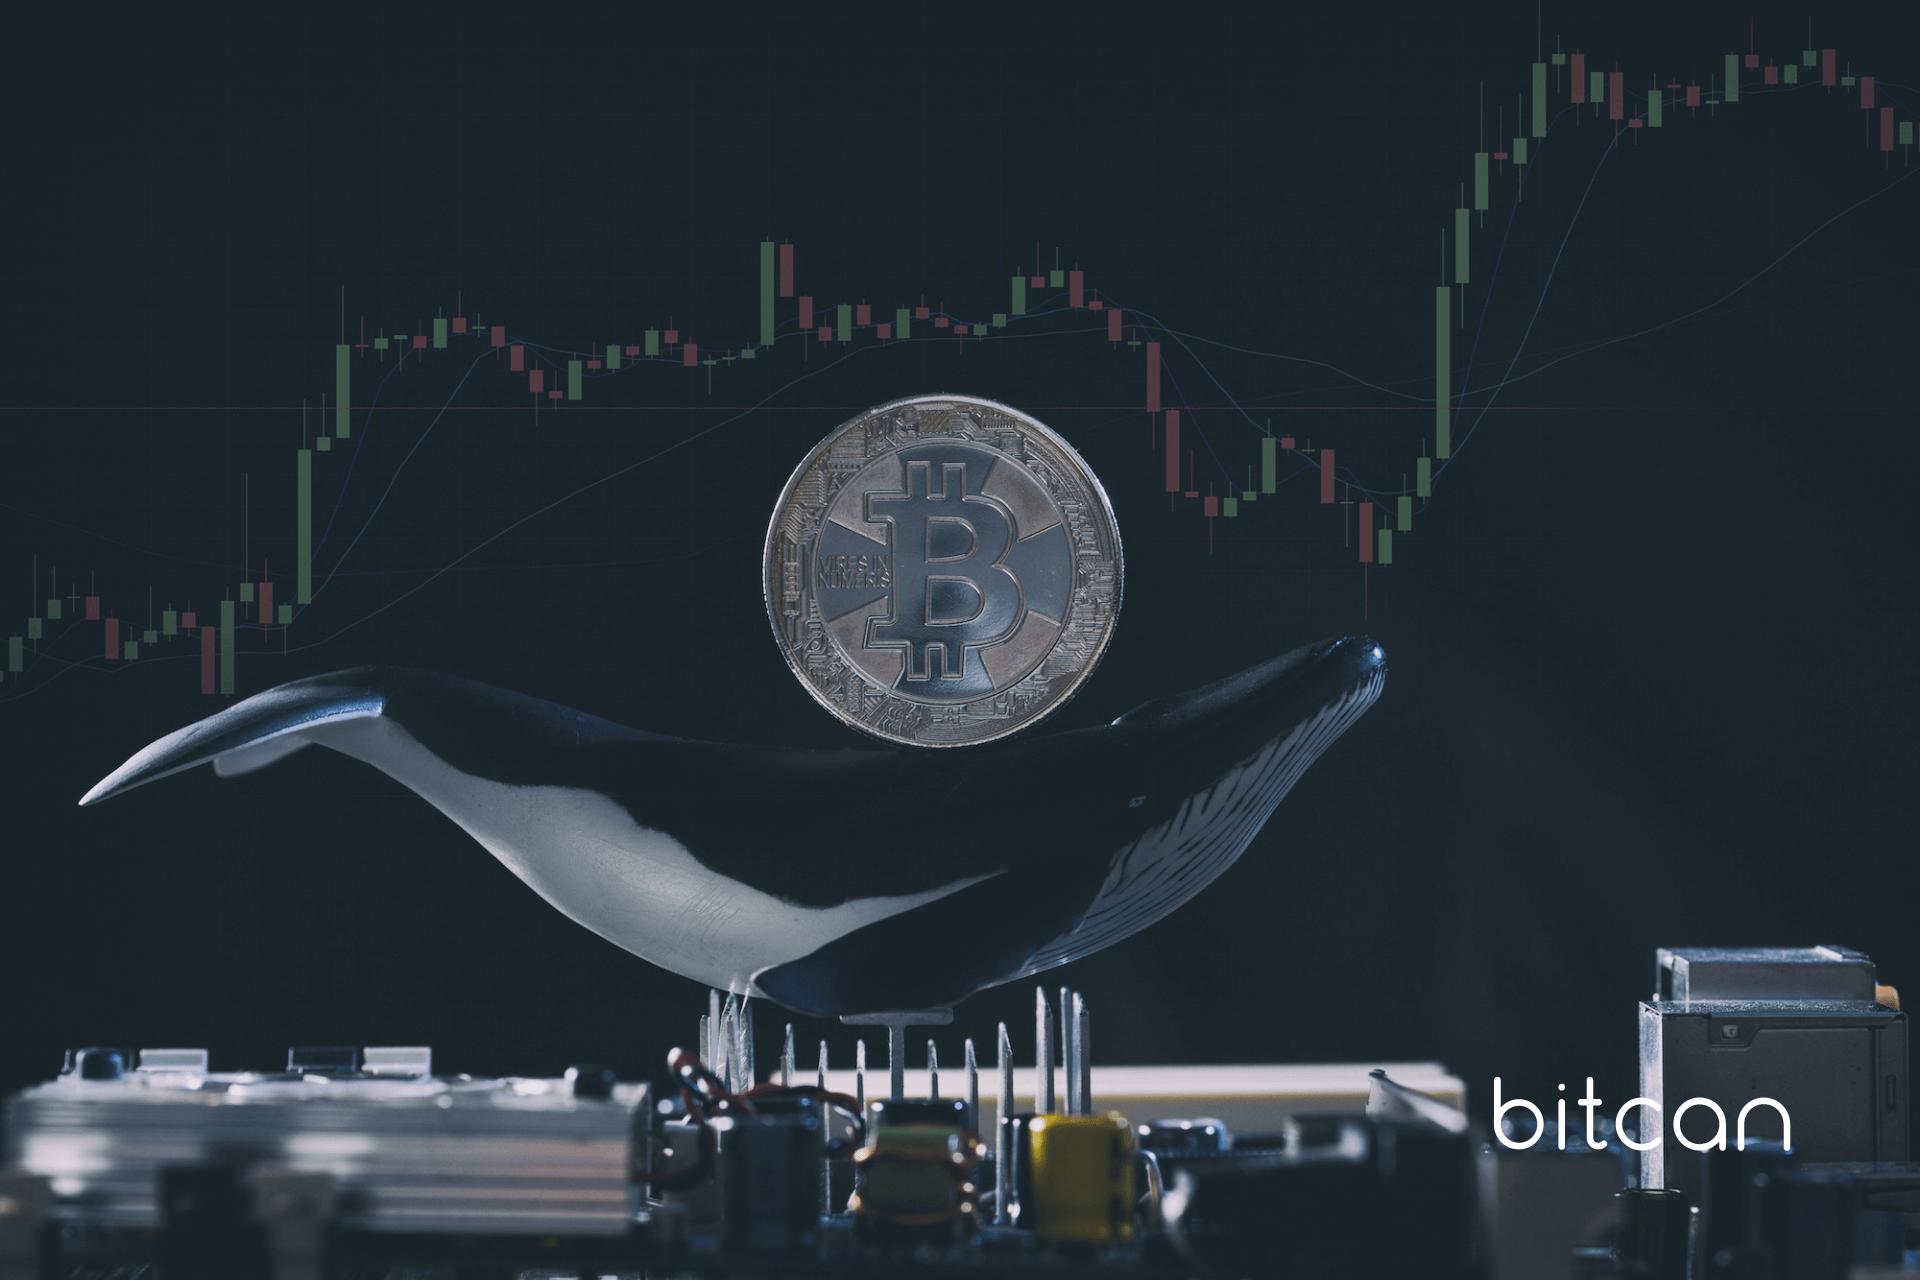 Duzi gracze na rynku bitcoina (wieloryby) sprzedali w ciągu miesiąca BTC o wartości 7 mld USD